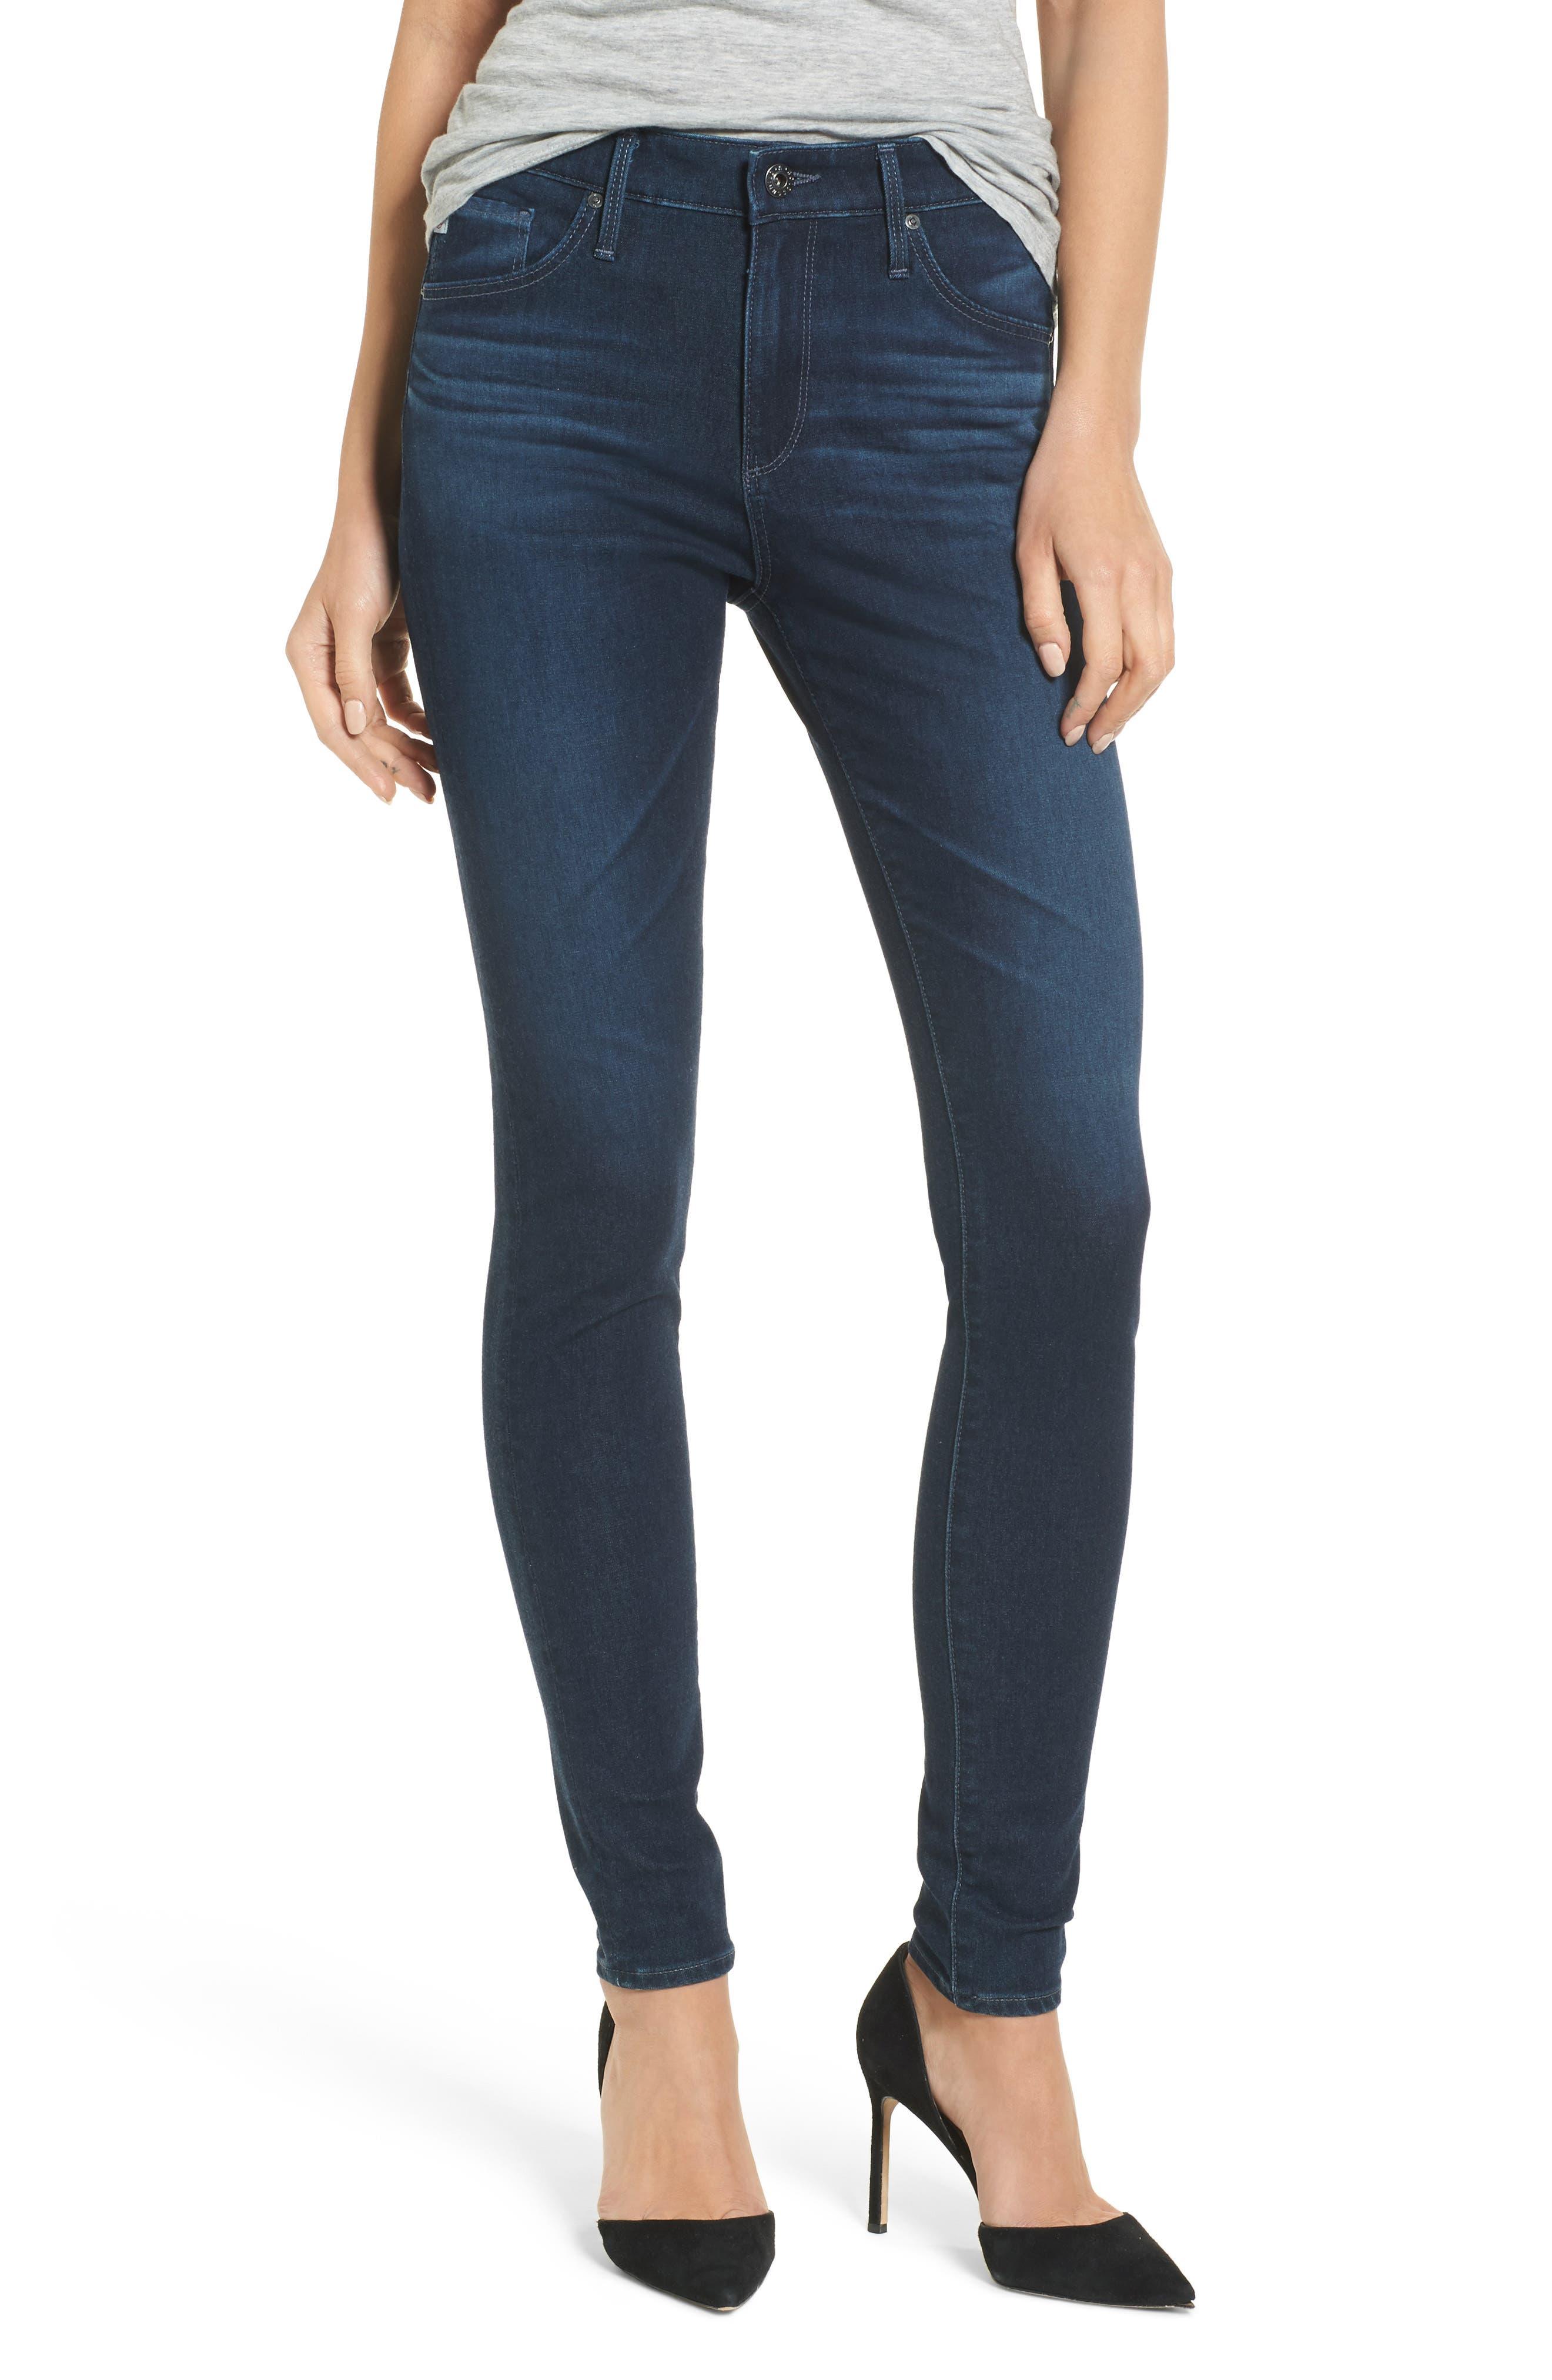 Main Image - AG The Farrah High Waist Skinny Jeans